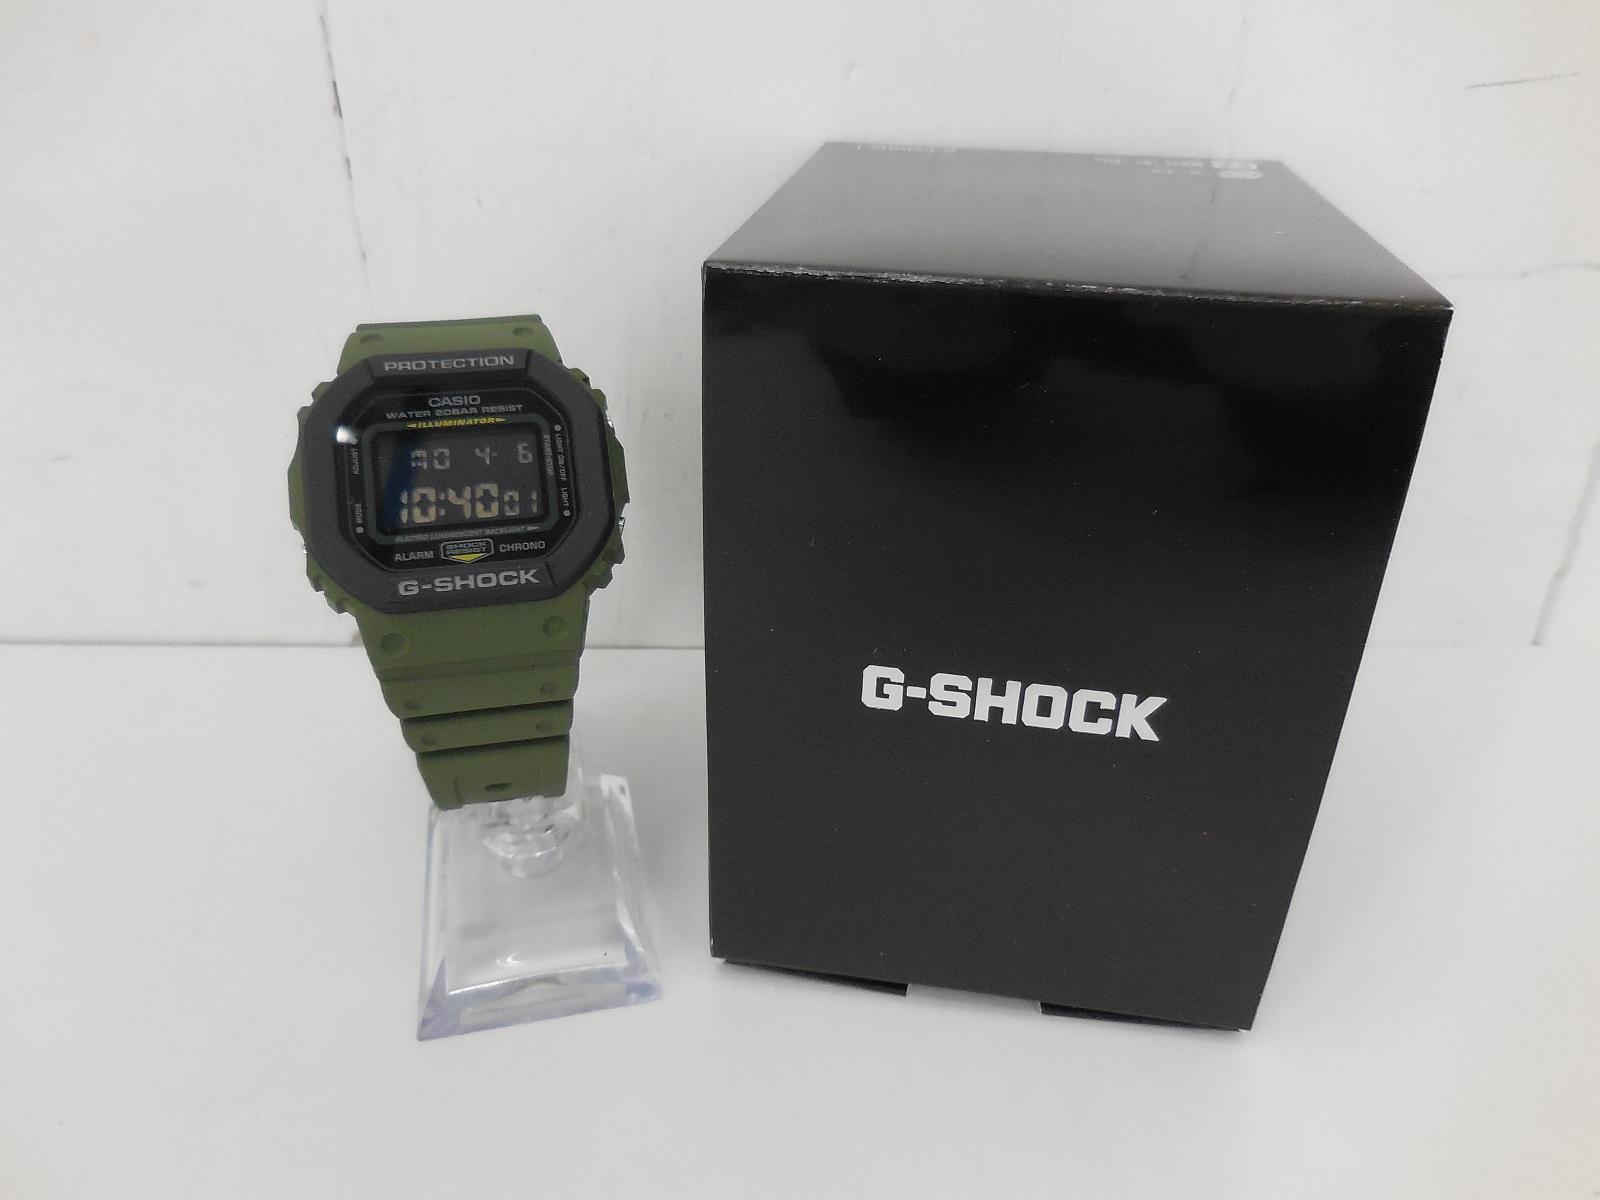 G-SHOCK DW-5610SU ジーショック オリーブ